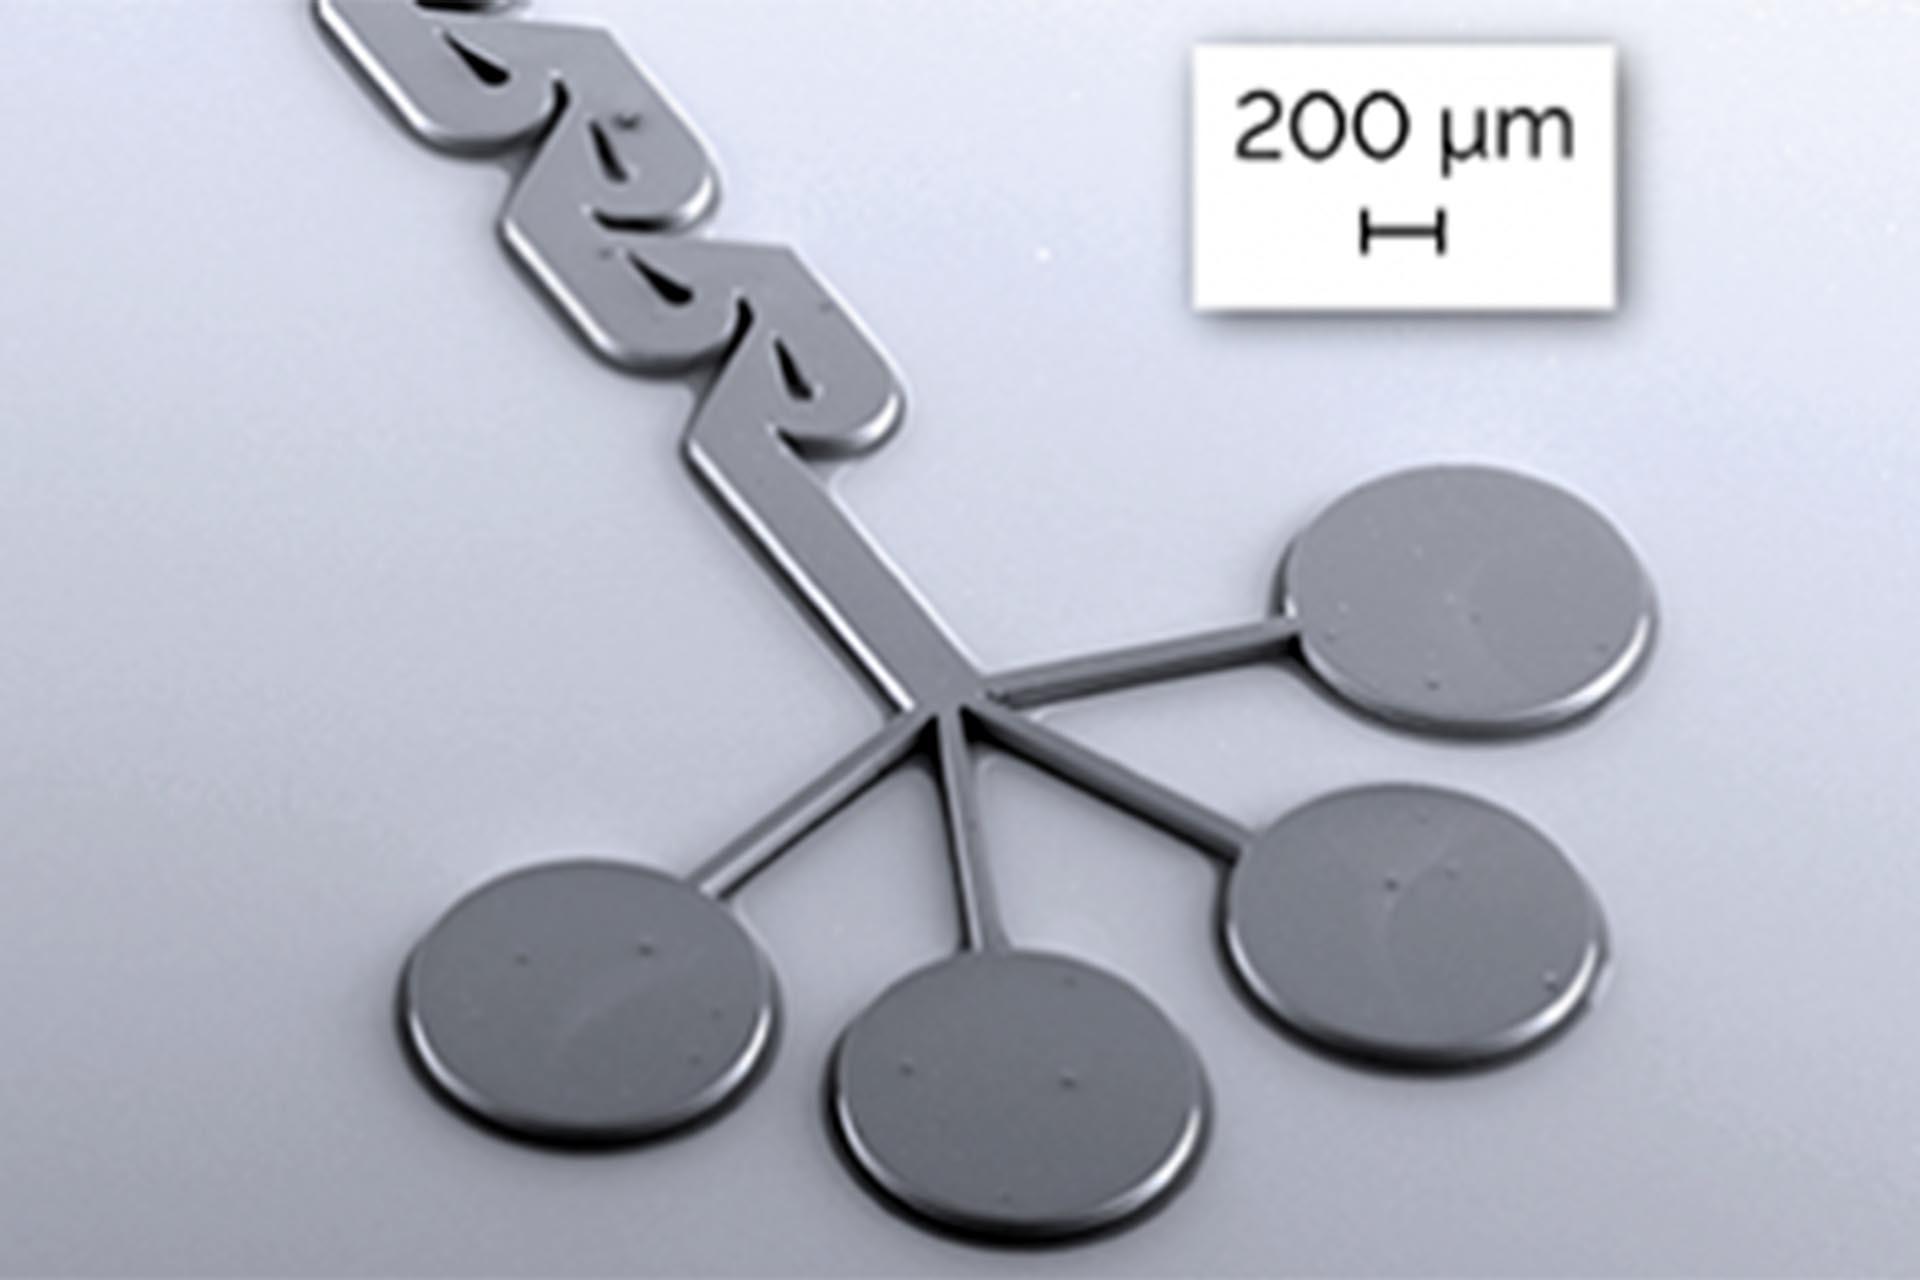 Microfluidic mixer